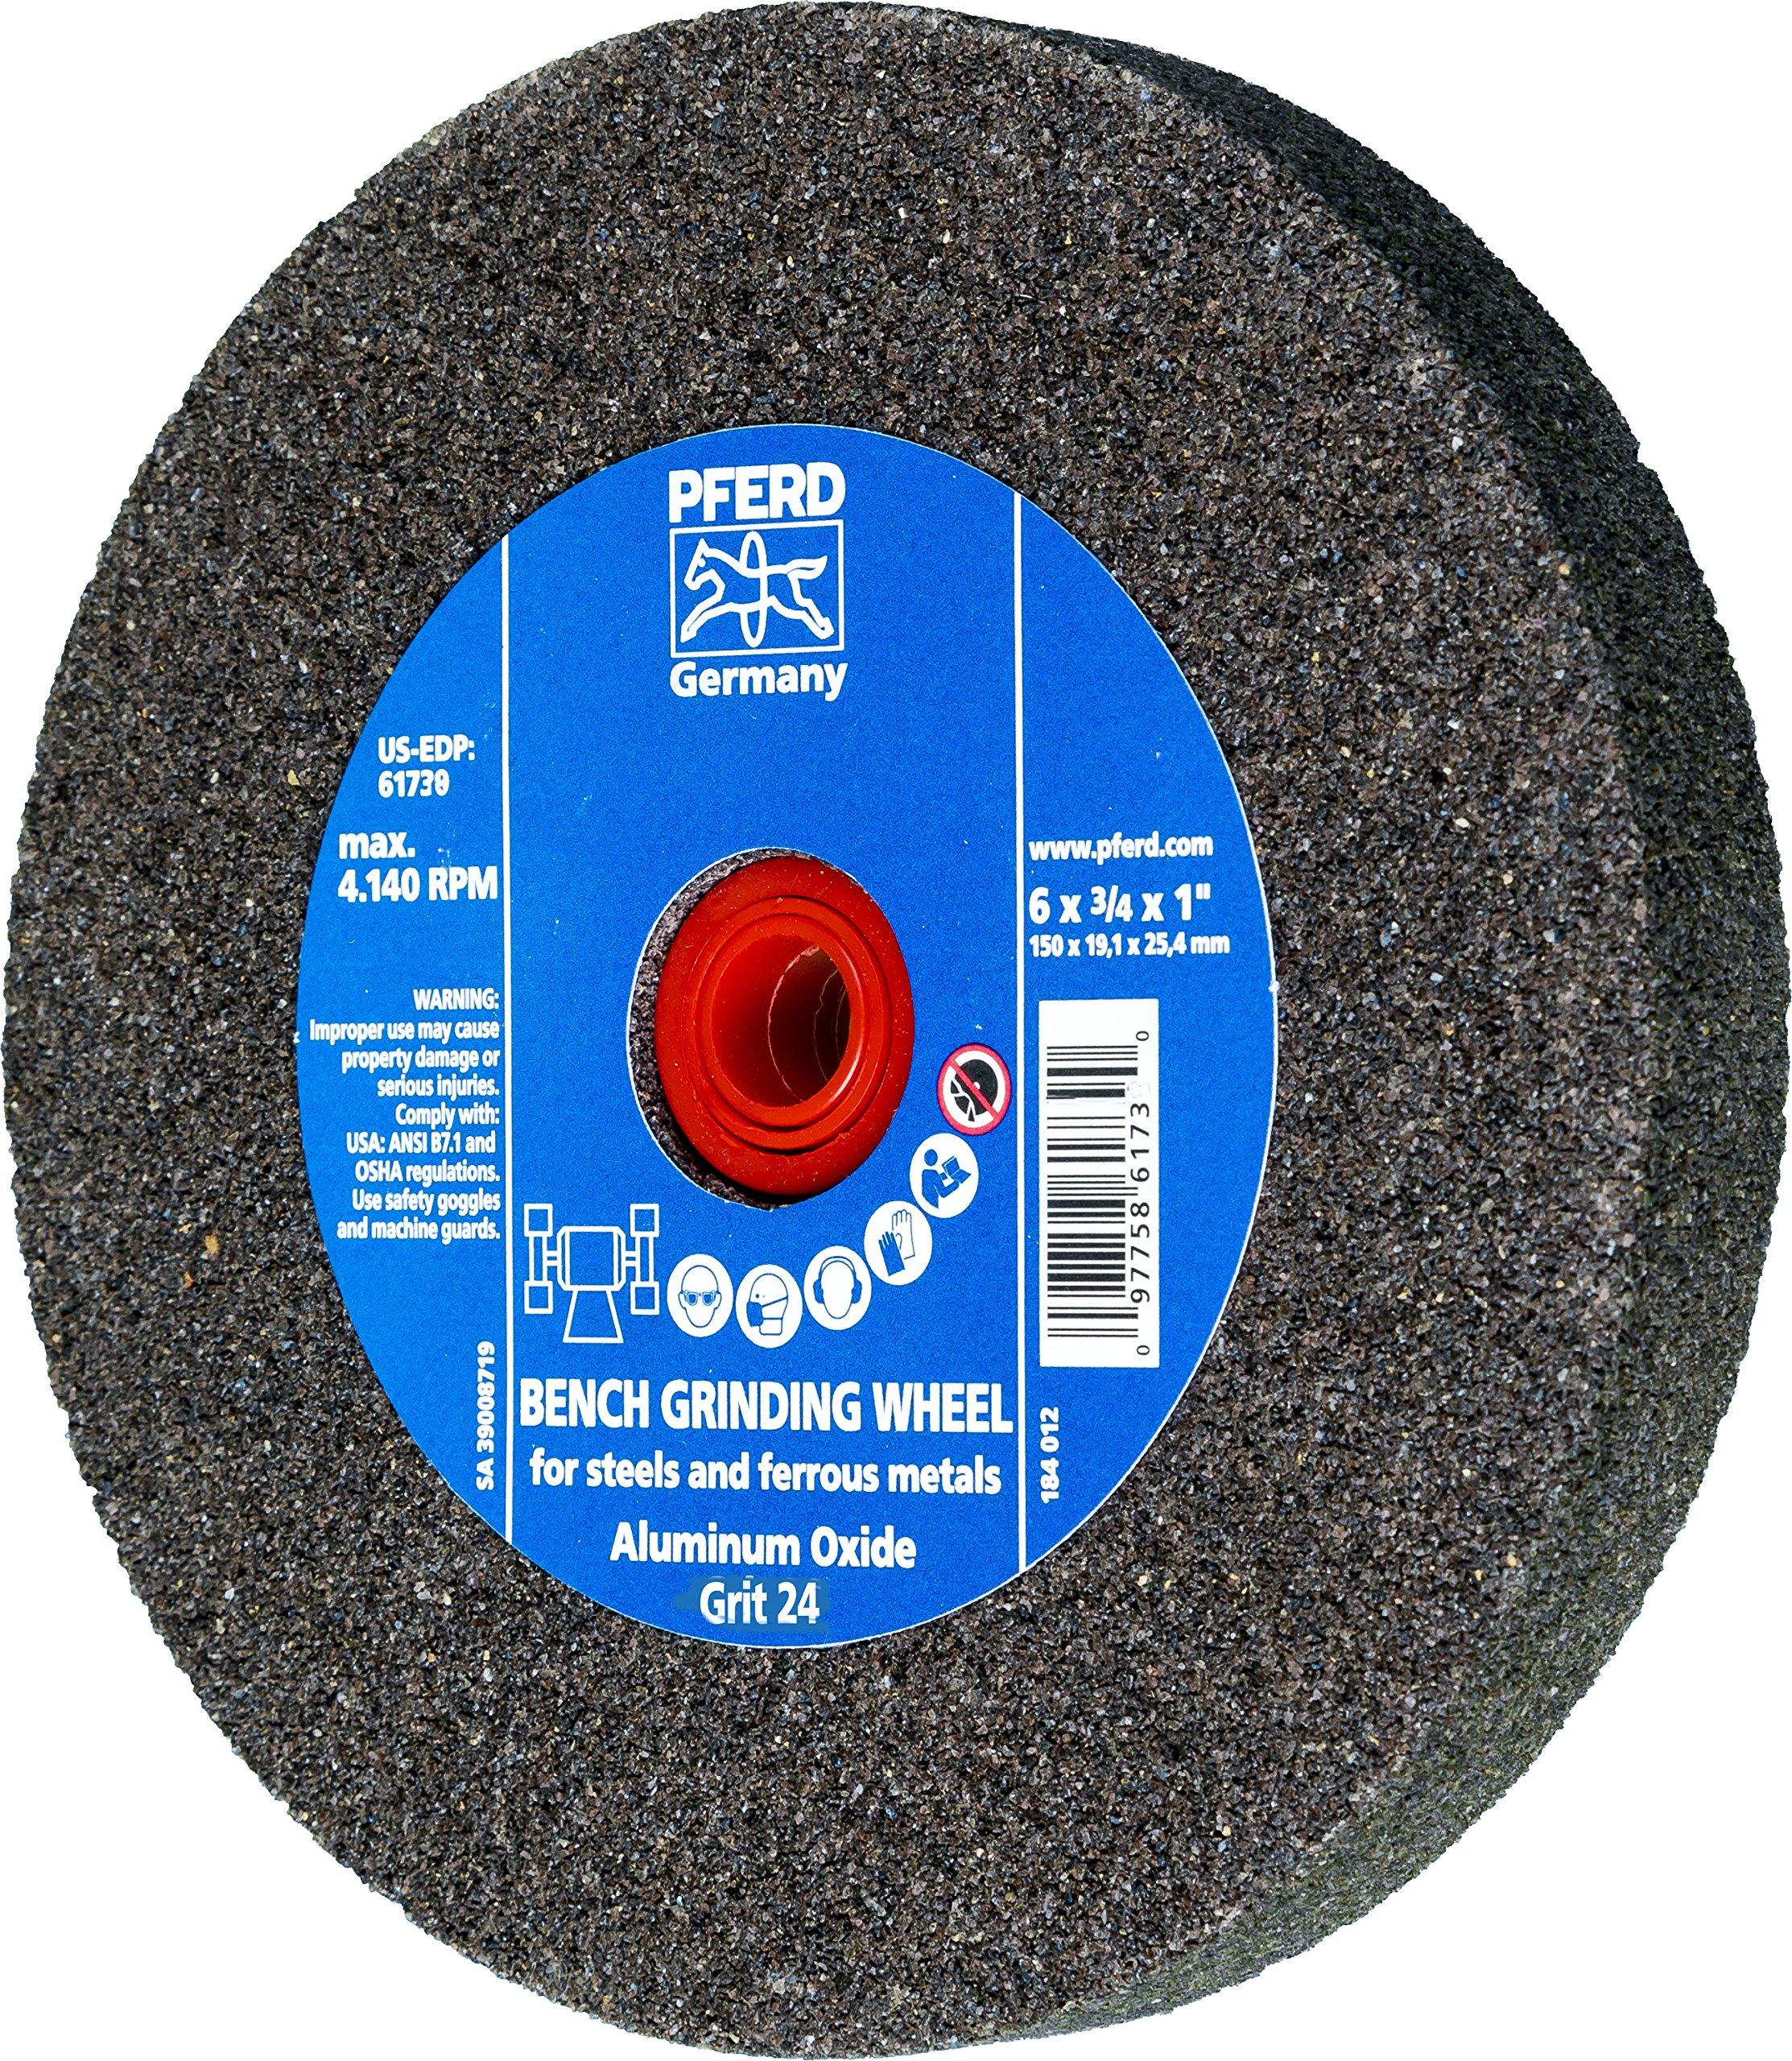 PFERD 61738 Bench Grinding Wheel, Aluminum Oxide, 6'' Diameter, 3/4'' Thick, 1'' Arbor Hole, 24 Grit, 4140 Maximum RPM